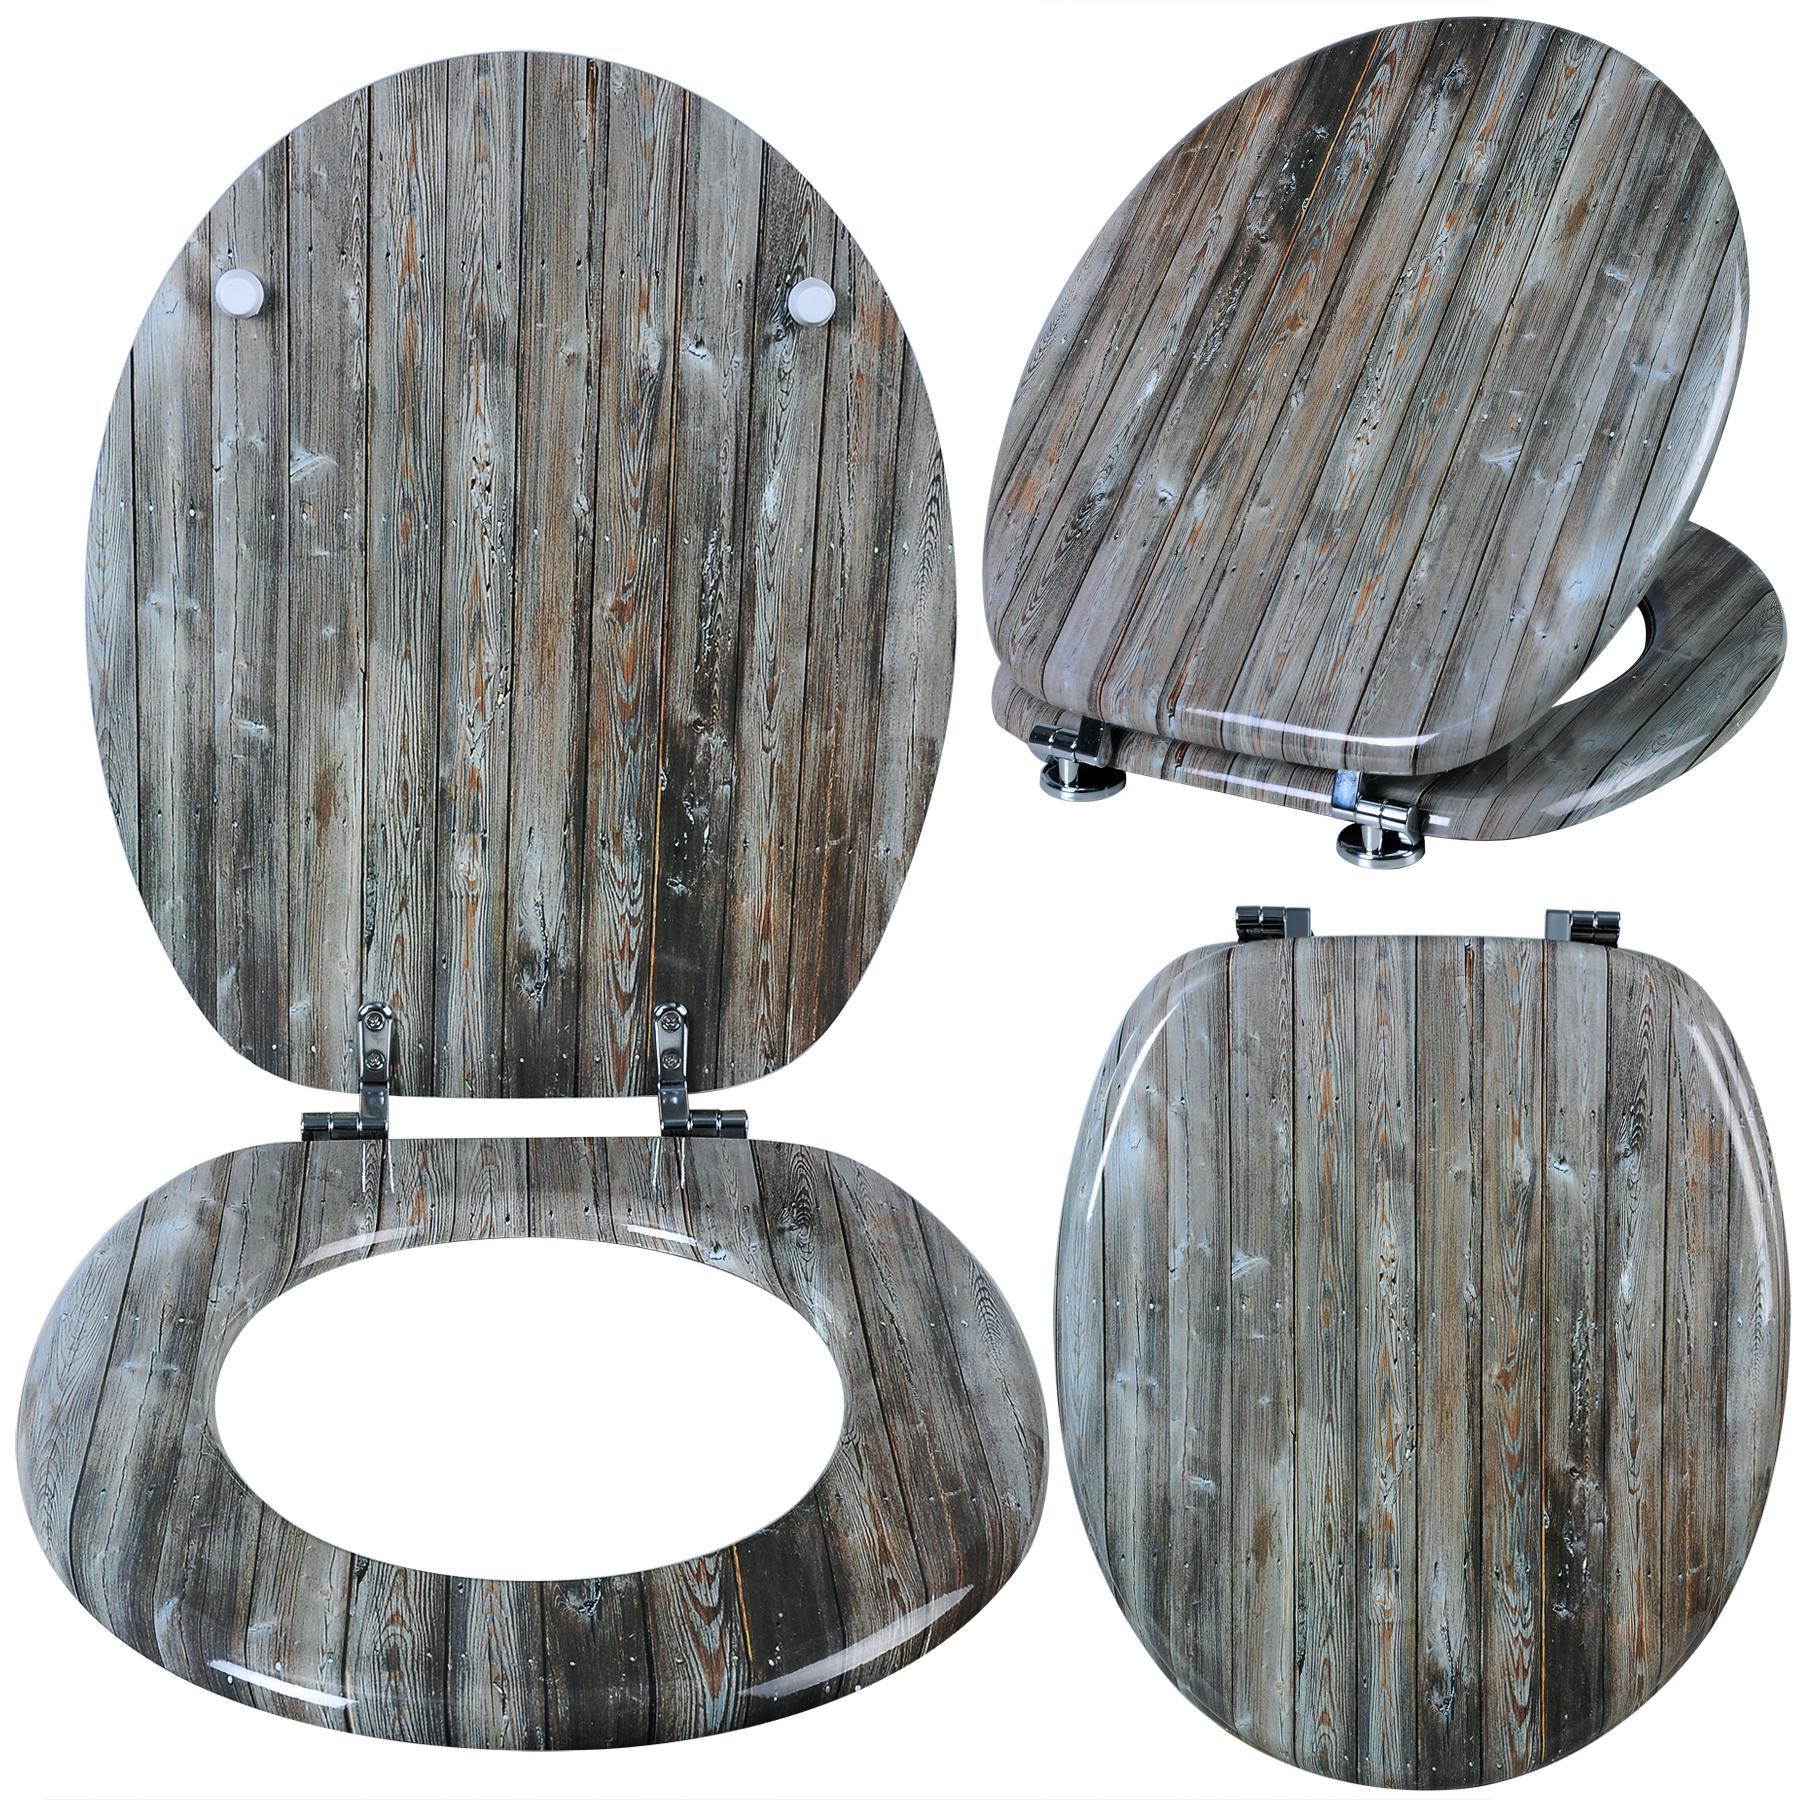 wc sitz toilettendeckel holz klodeckel wc deckel mdf toilettensitz brille 186 ebay. Black Bedroom Furniture Sets. Home Design Ideas